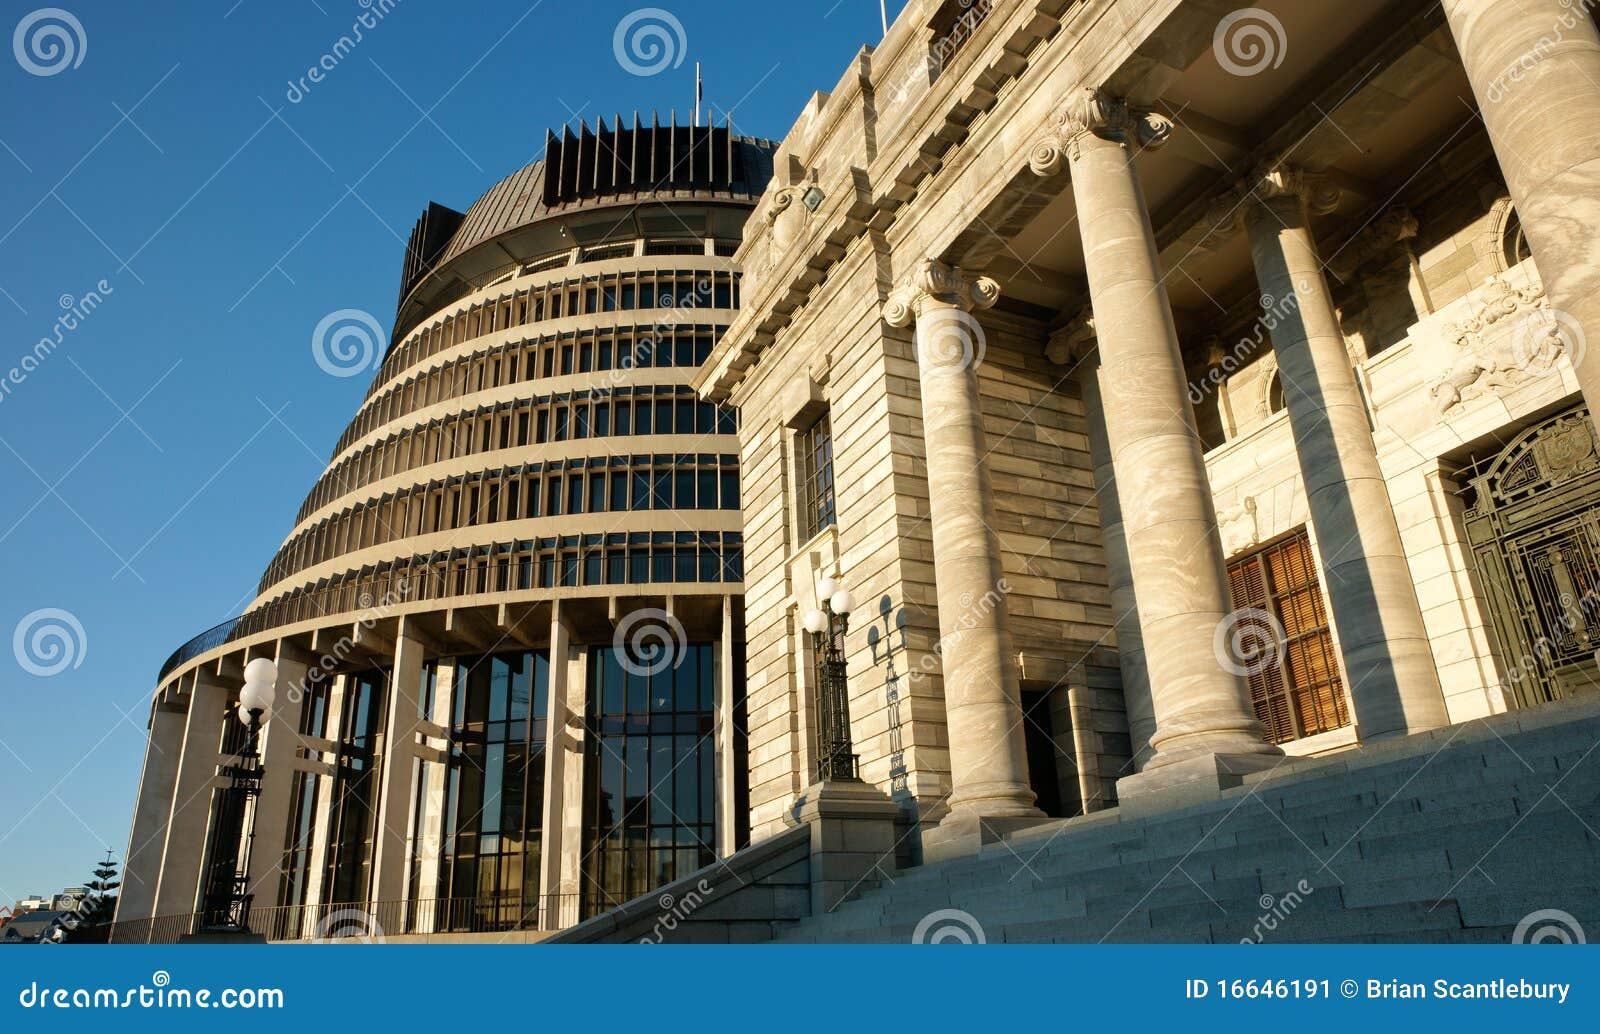 Constructions du Parlement, Nouvelle Zélande.